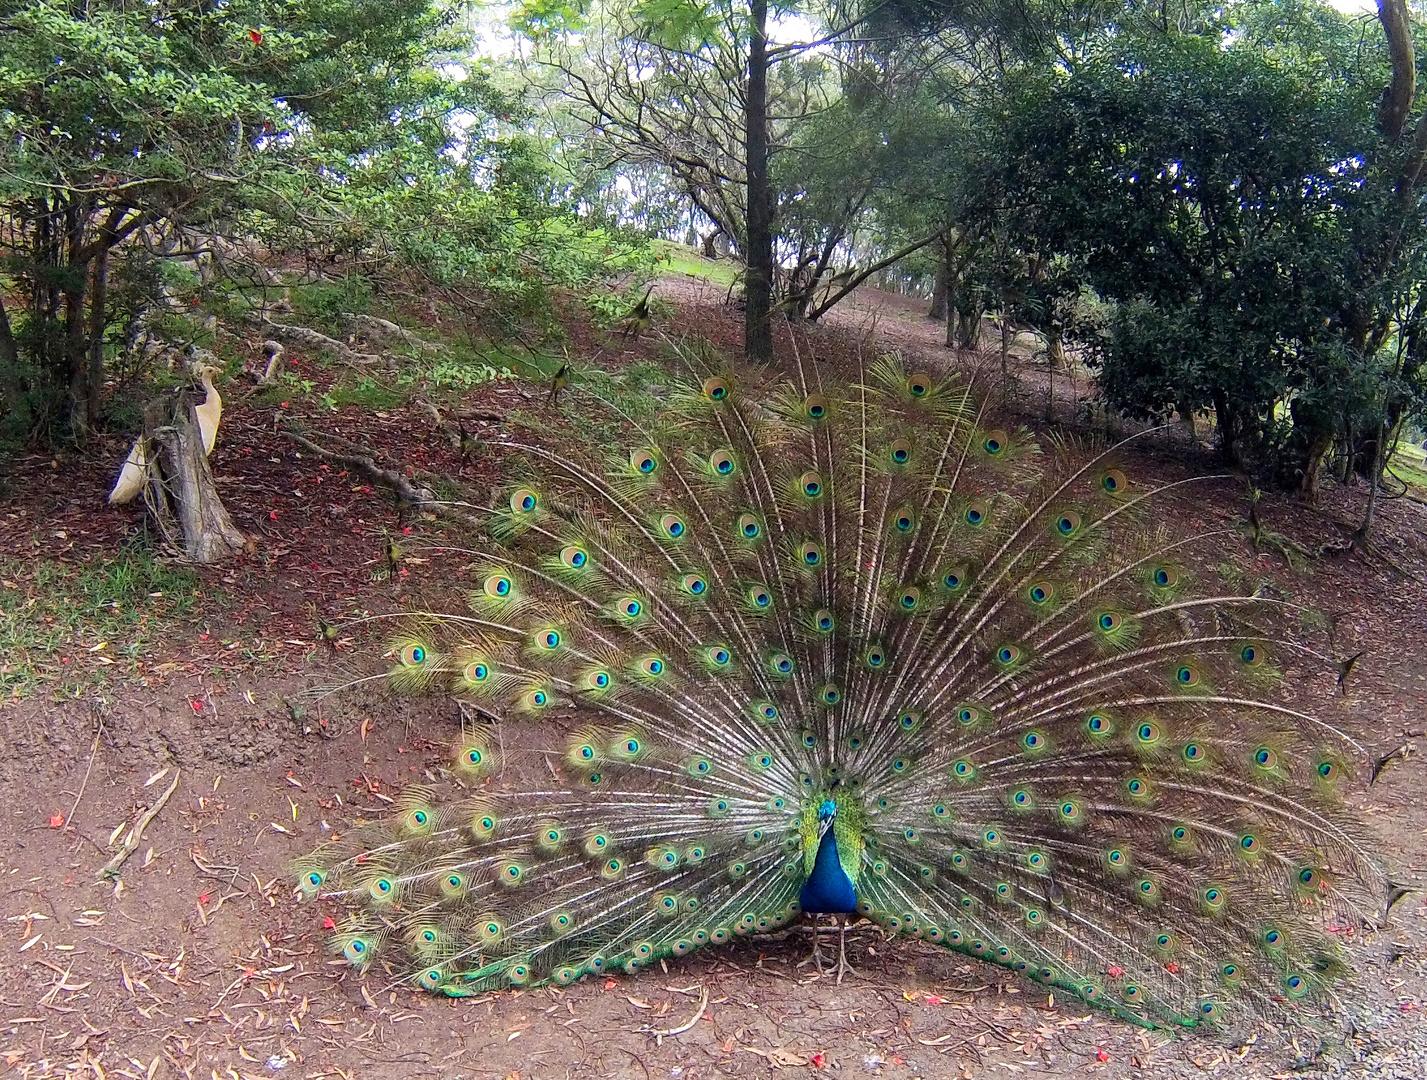 Le Paon Qui Fait La Roue un paon fait la roue dans le parc zoologique et forestier de